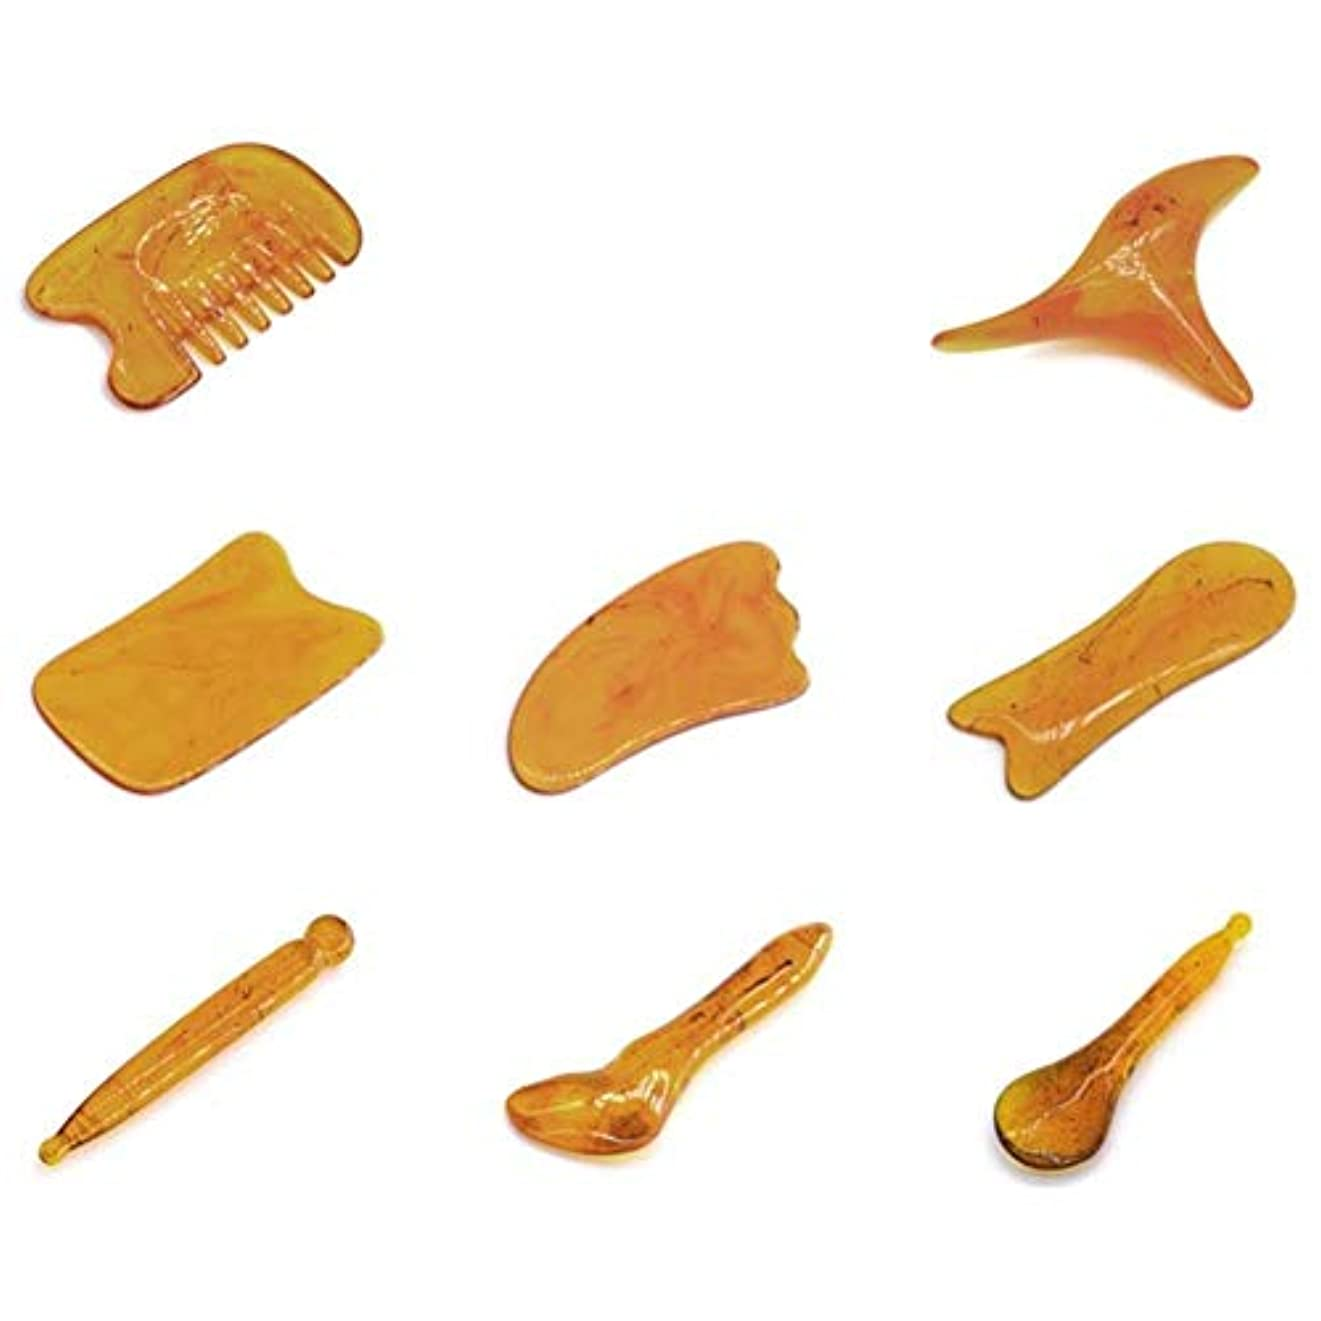 ブースト生き物気候の山Gua Shaのこするマッサージ用具のハンドメイドのヒスイGuasha板、用具SPAの刺鍼術療法の表面腕のフィートの小さい三角形の形の引き金のポイント処置